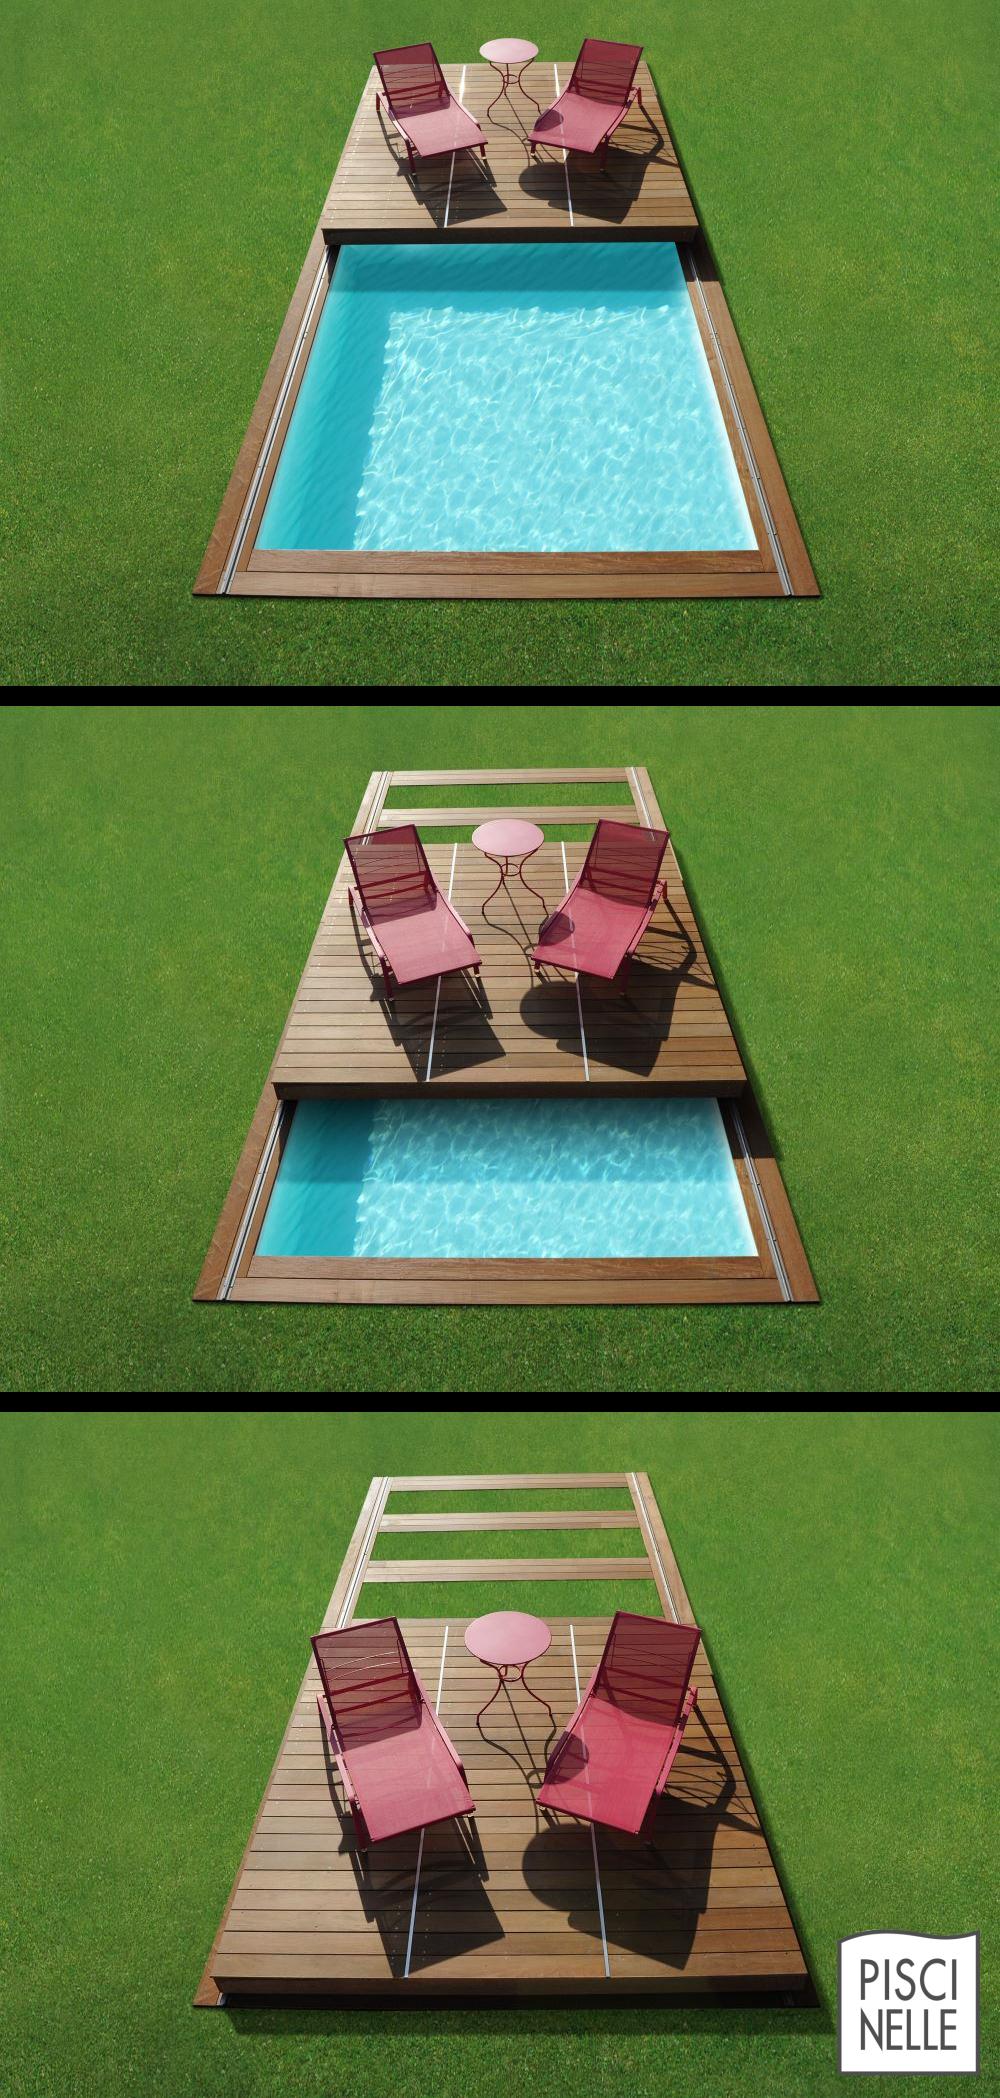 Piscine Terrasse Coulissante Quelles solutions Pour Couvrir Votre Piscine En Hiver